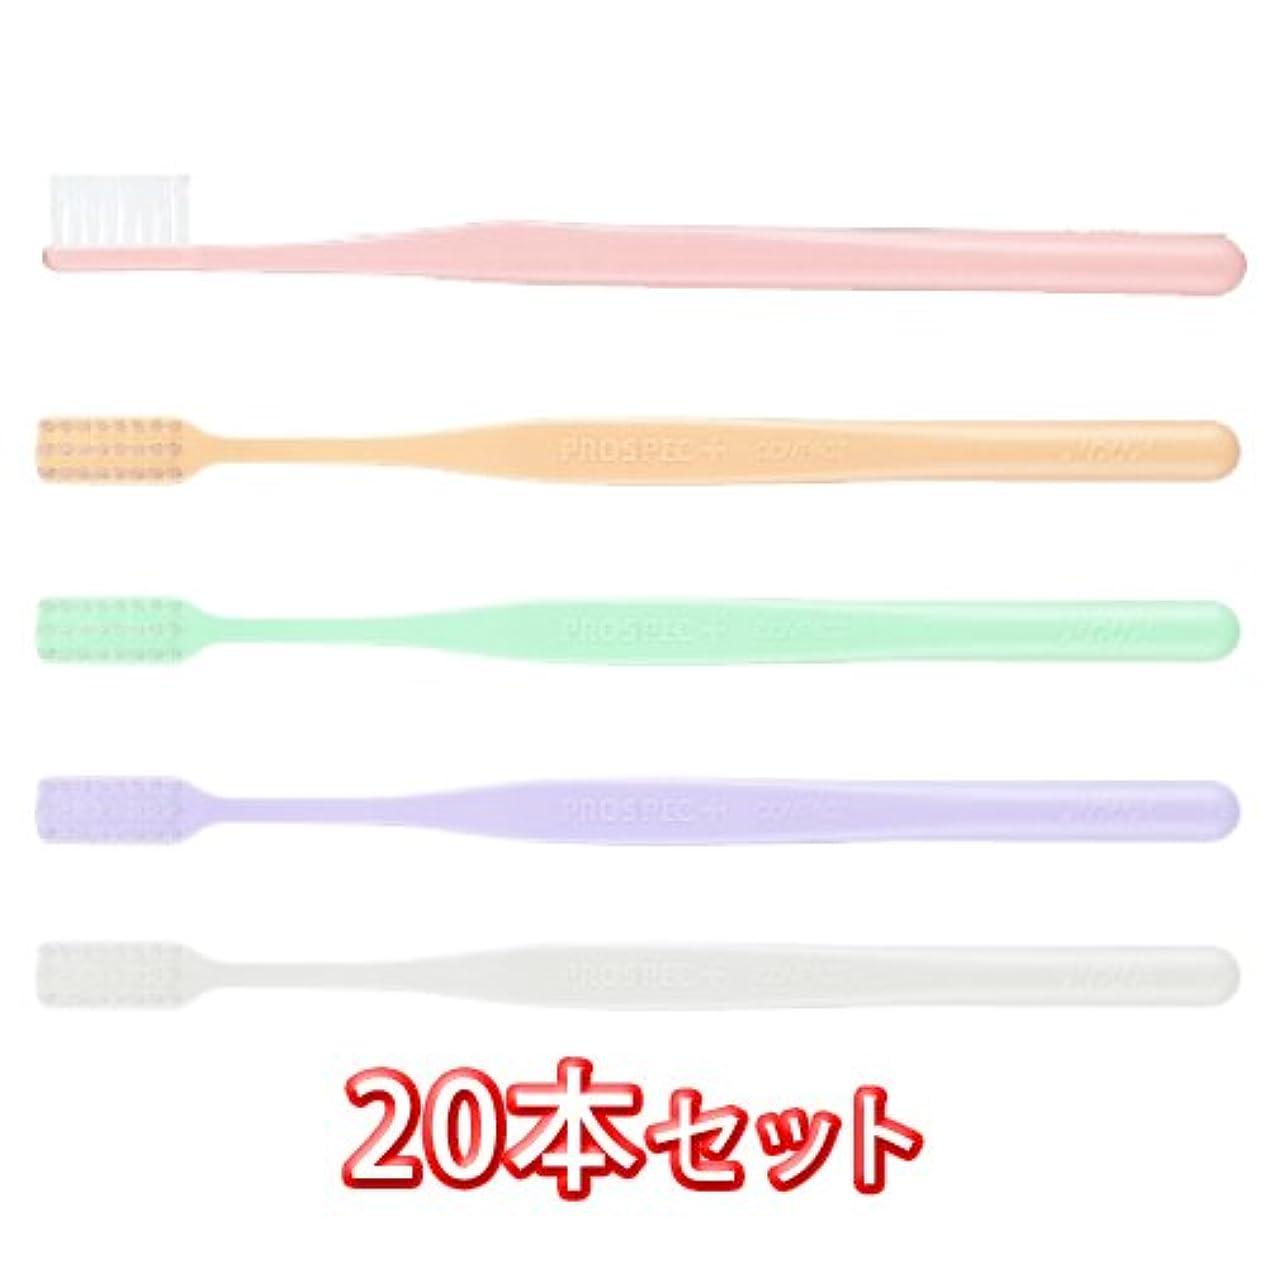 免除する無意味反動プロスペック 歯ブラシ プラス コンパクト 20本入 (M(ふつう))